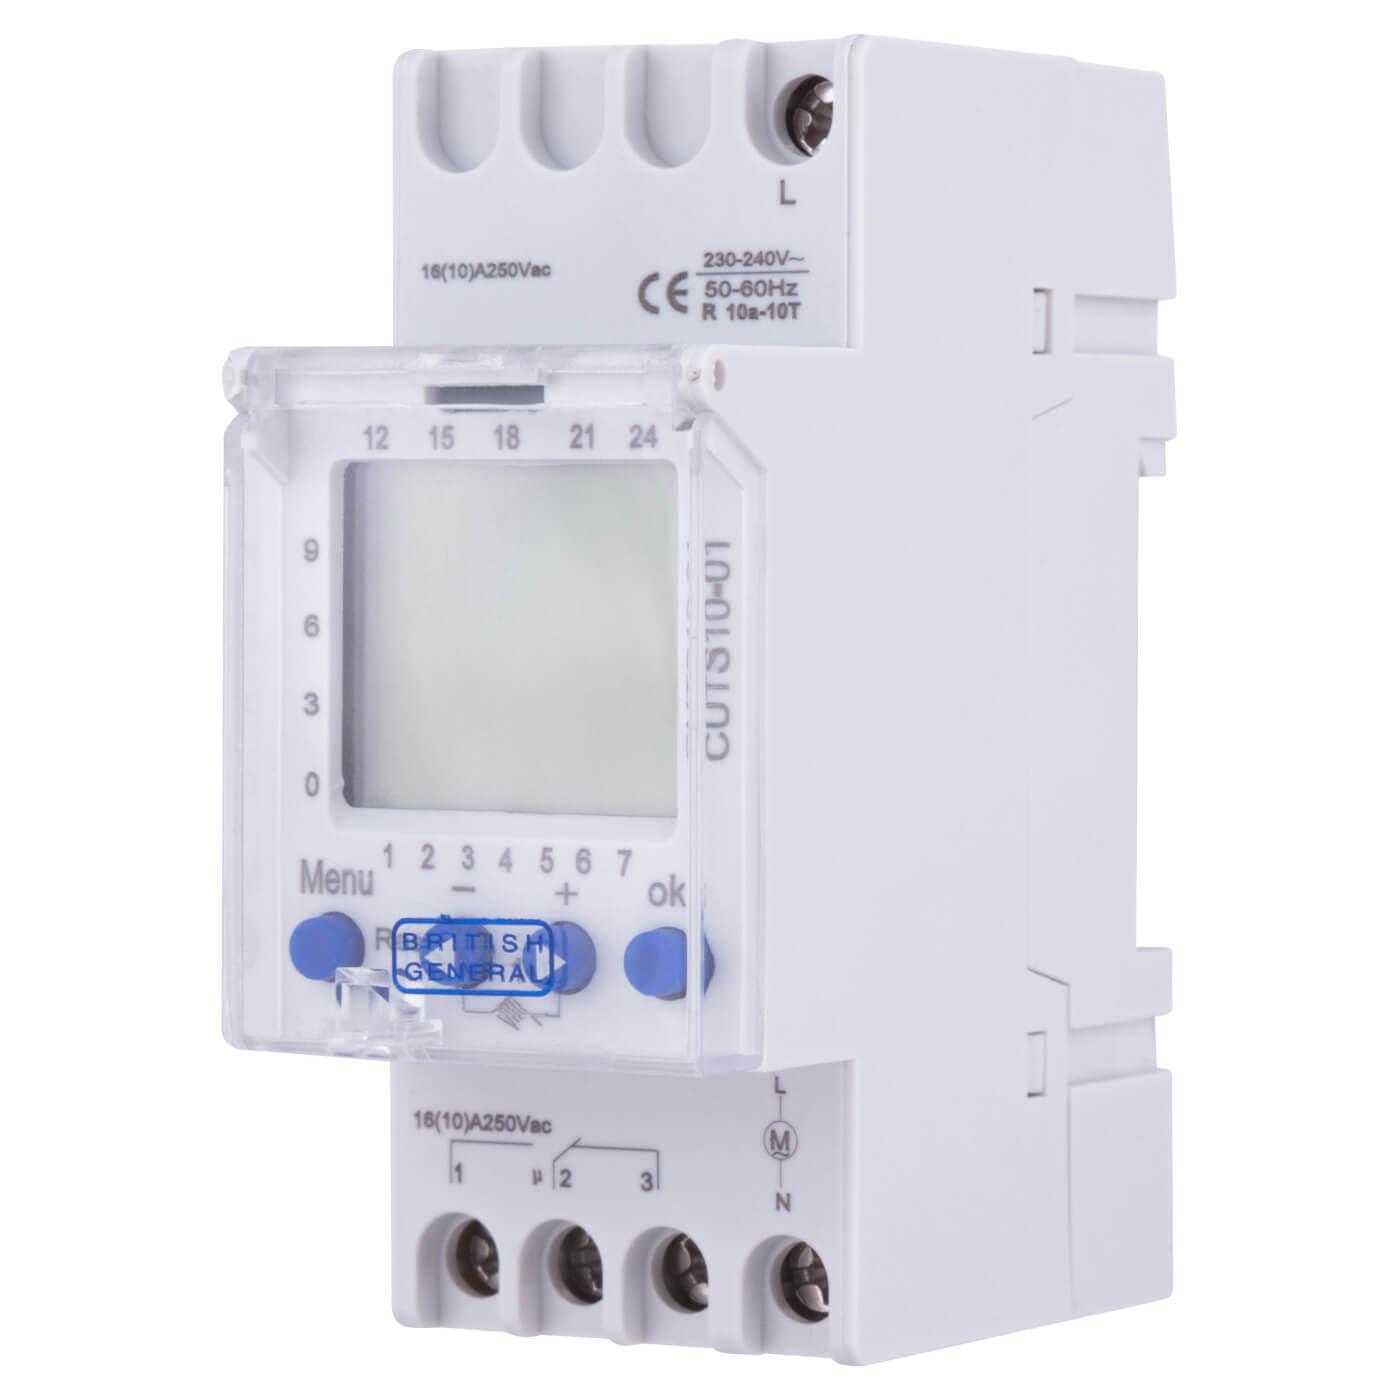 BG Digital Single Channel Timer Consumer Unit Module)